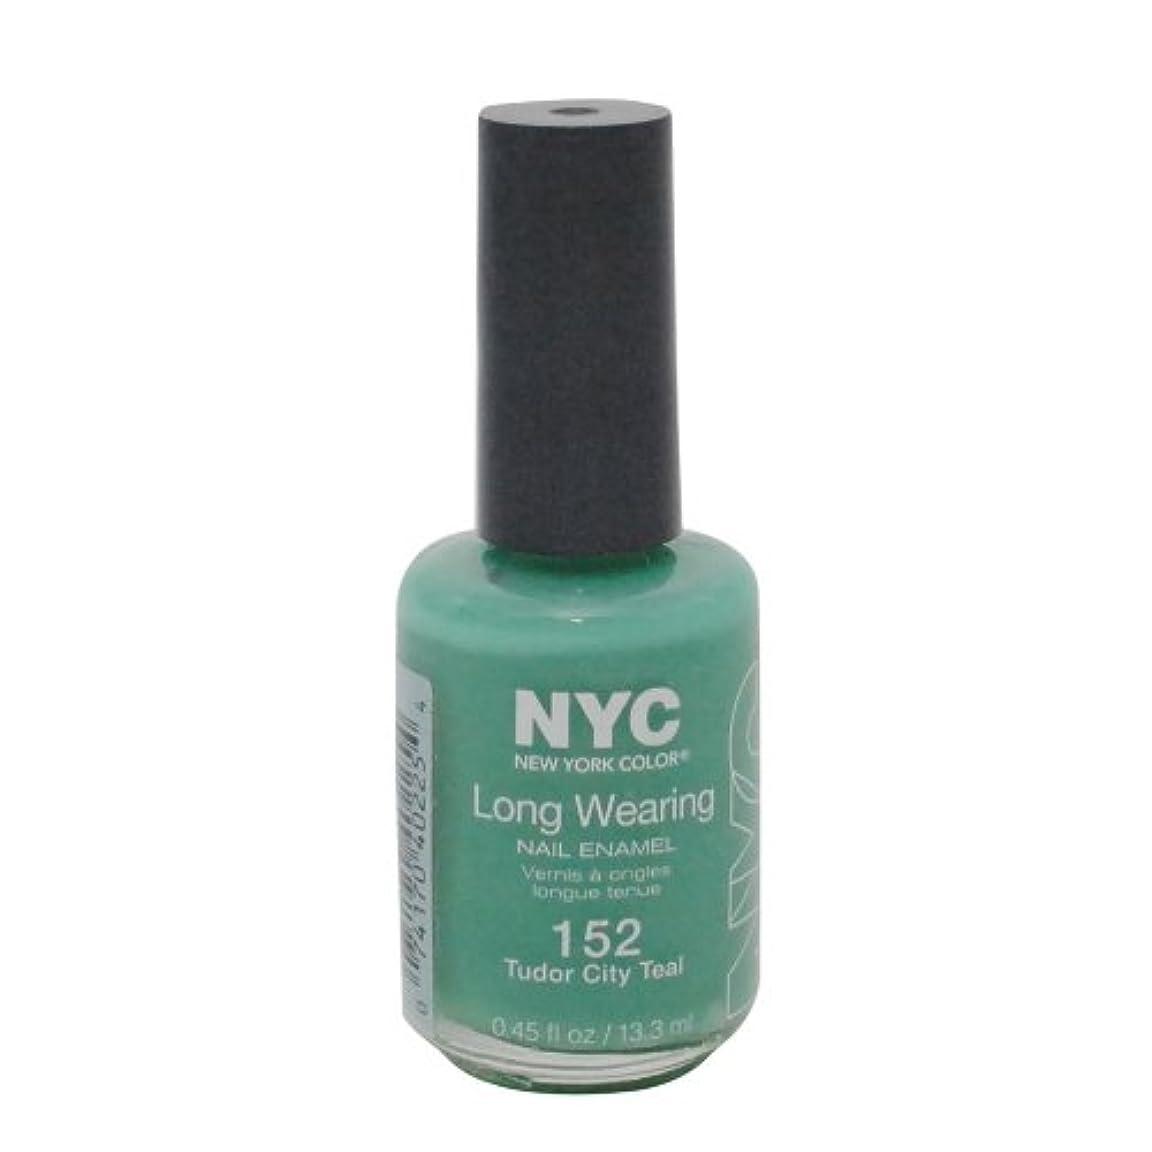 トランペットデンマーク語助けてNYC Long Wearing Nail Enamel - Tudor City Teal by NYC New York Color